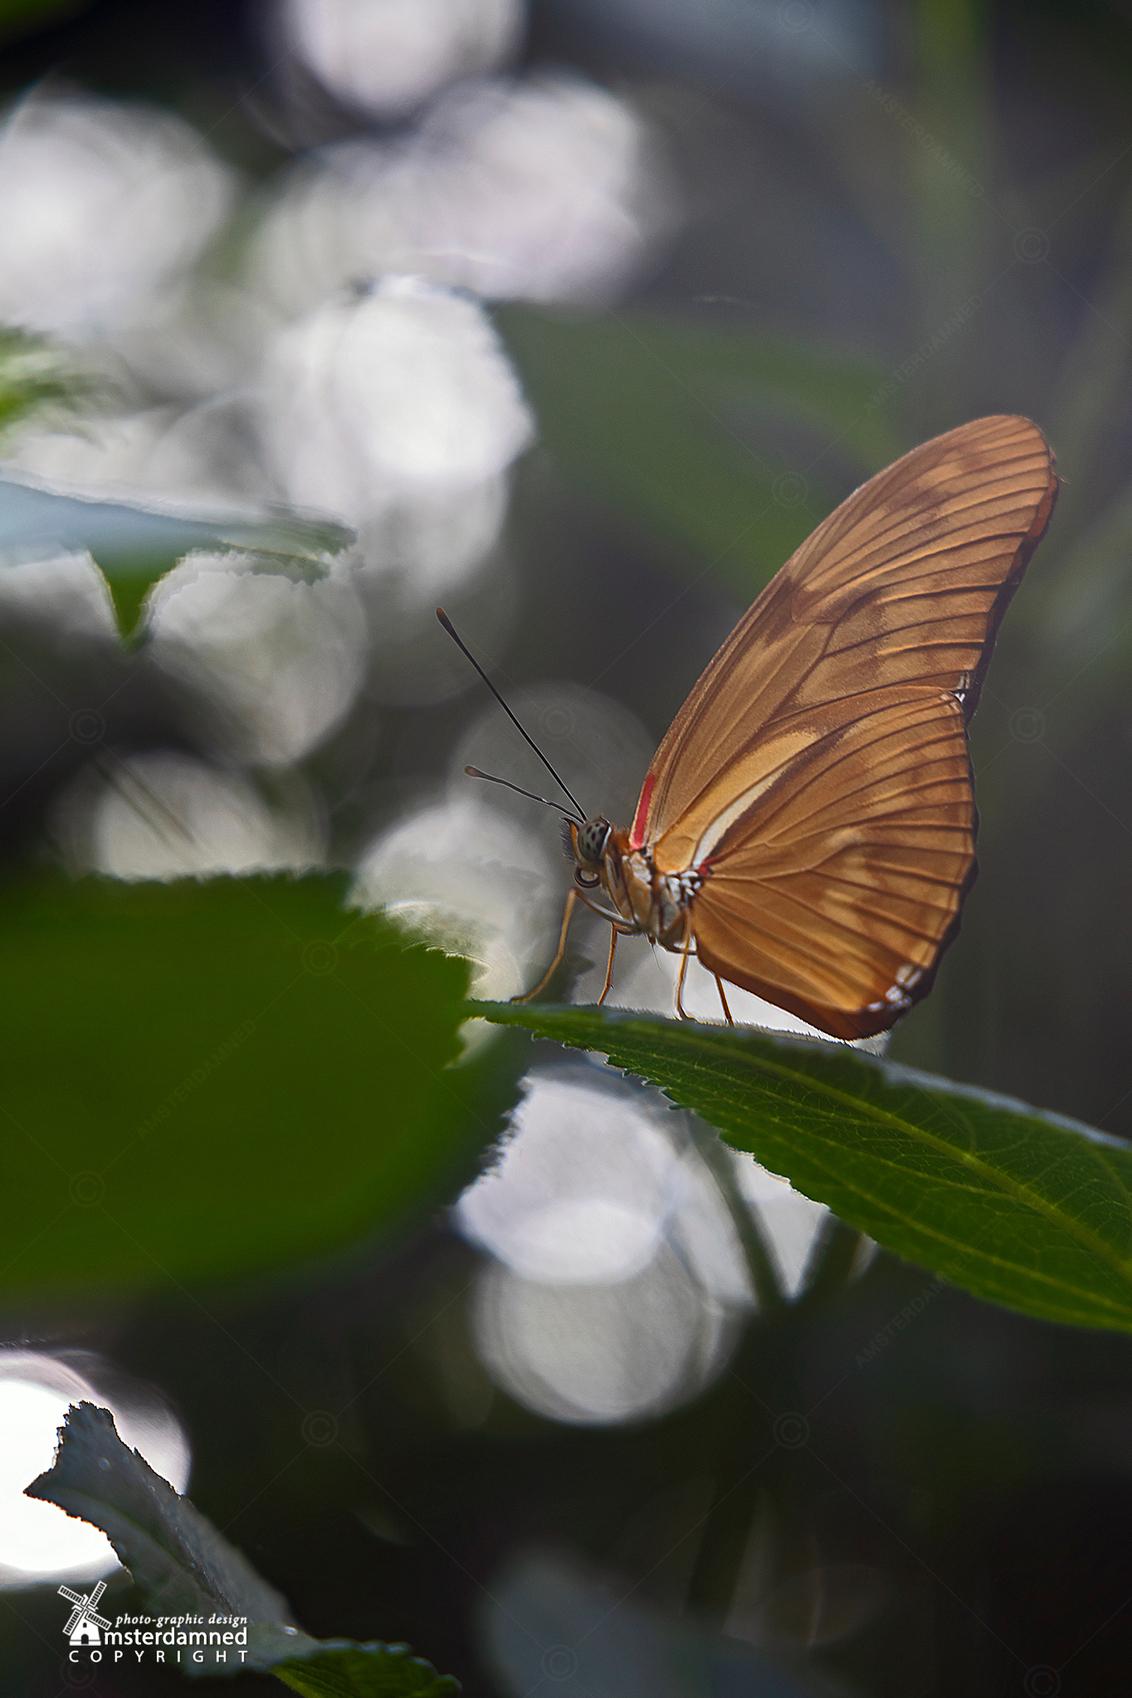 Vlinders aan de Vliet - Als vlinders zou met hun vleugels dichtgeklapt zitten zijn ze makkelijk te fotograferen ... maar daarna komt elke keer het zoekplaatje .... welke vli - foto door amsterdamned_zoom op 12-11-2020 - deze foto bevat: macro, vlinder, insect, holland, nederland, leidschendam, passiebloemvlinder, amsterdamned, vlinders aan de vliet, Zuid Holland, Dryas iulia